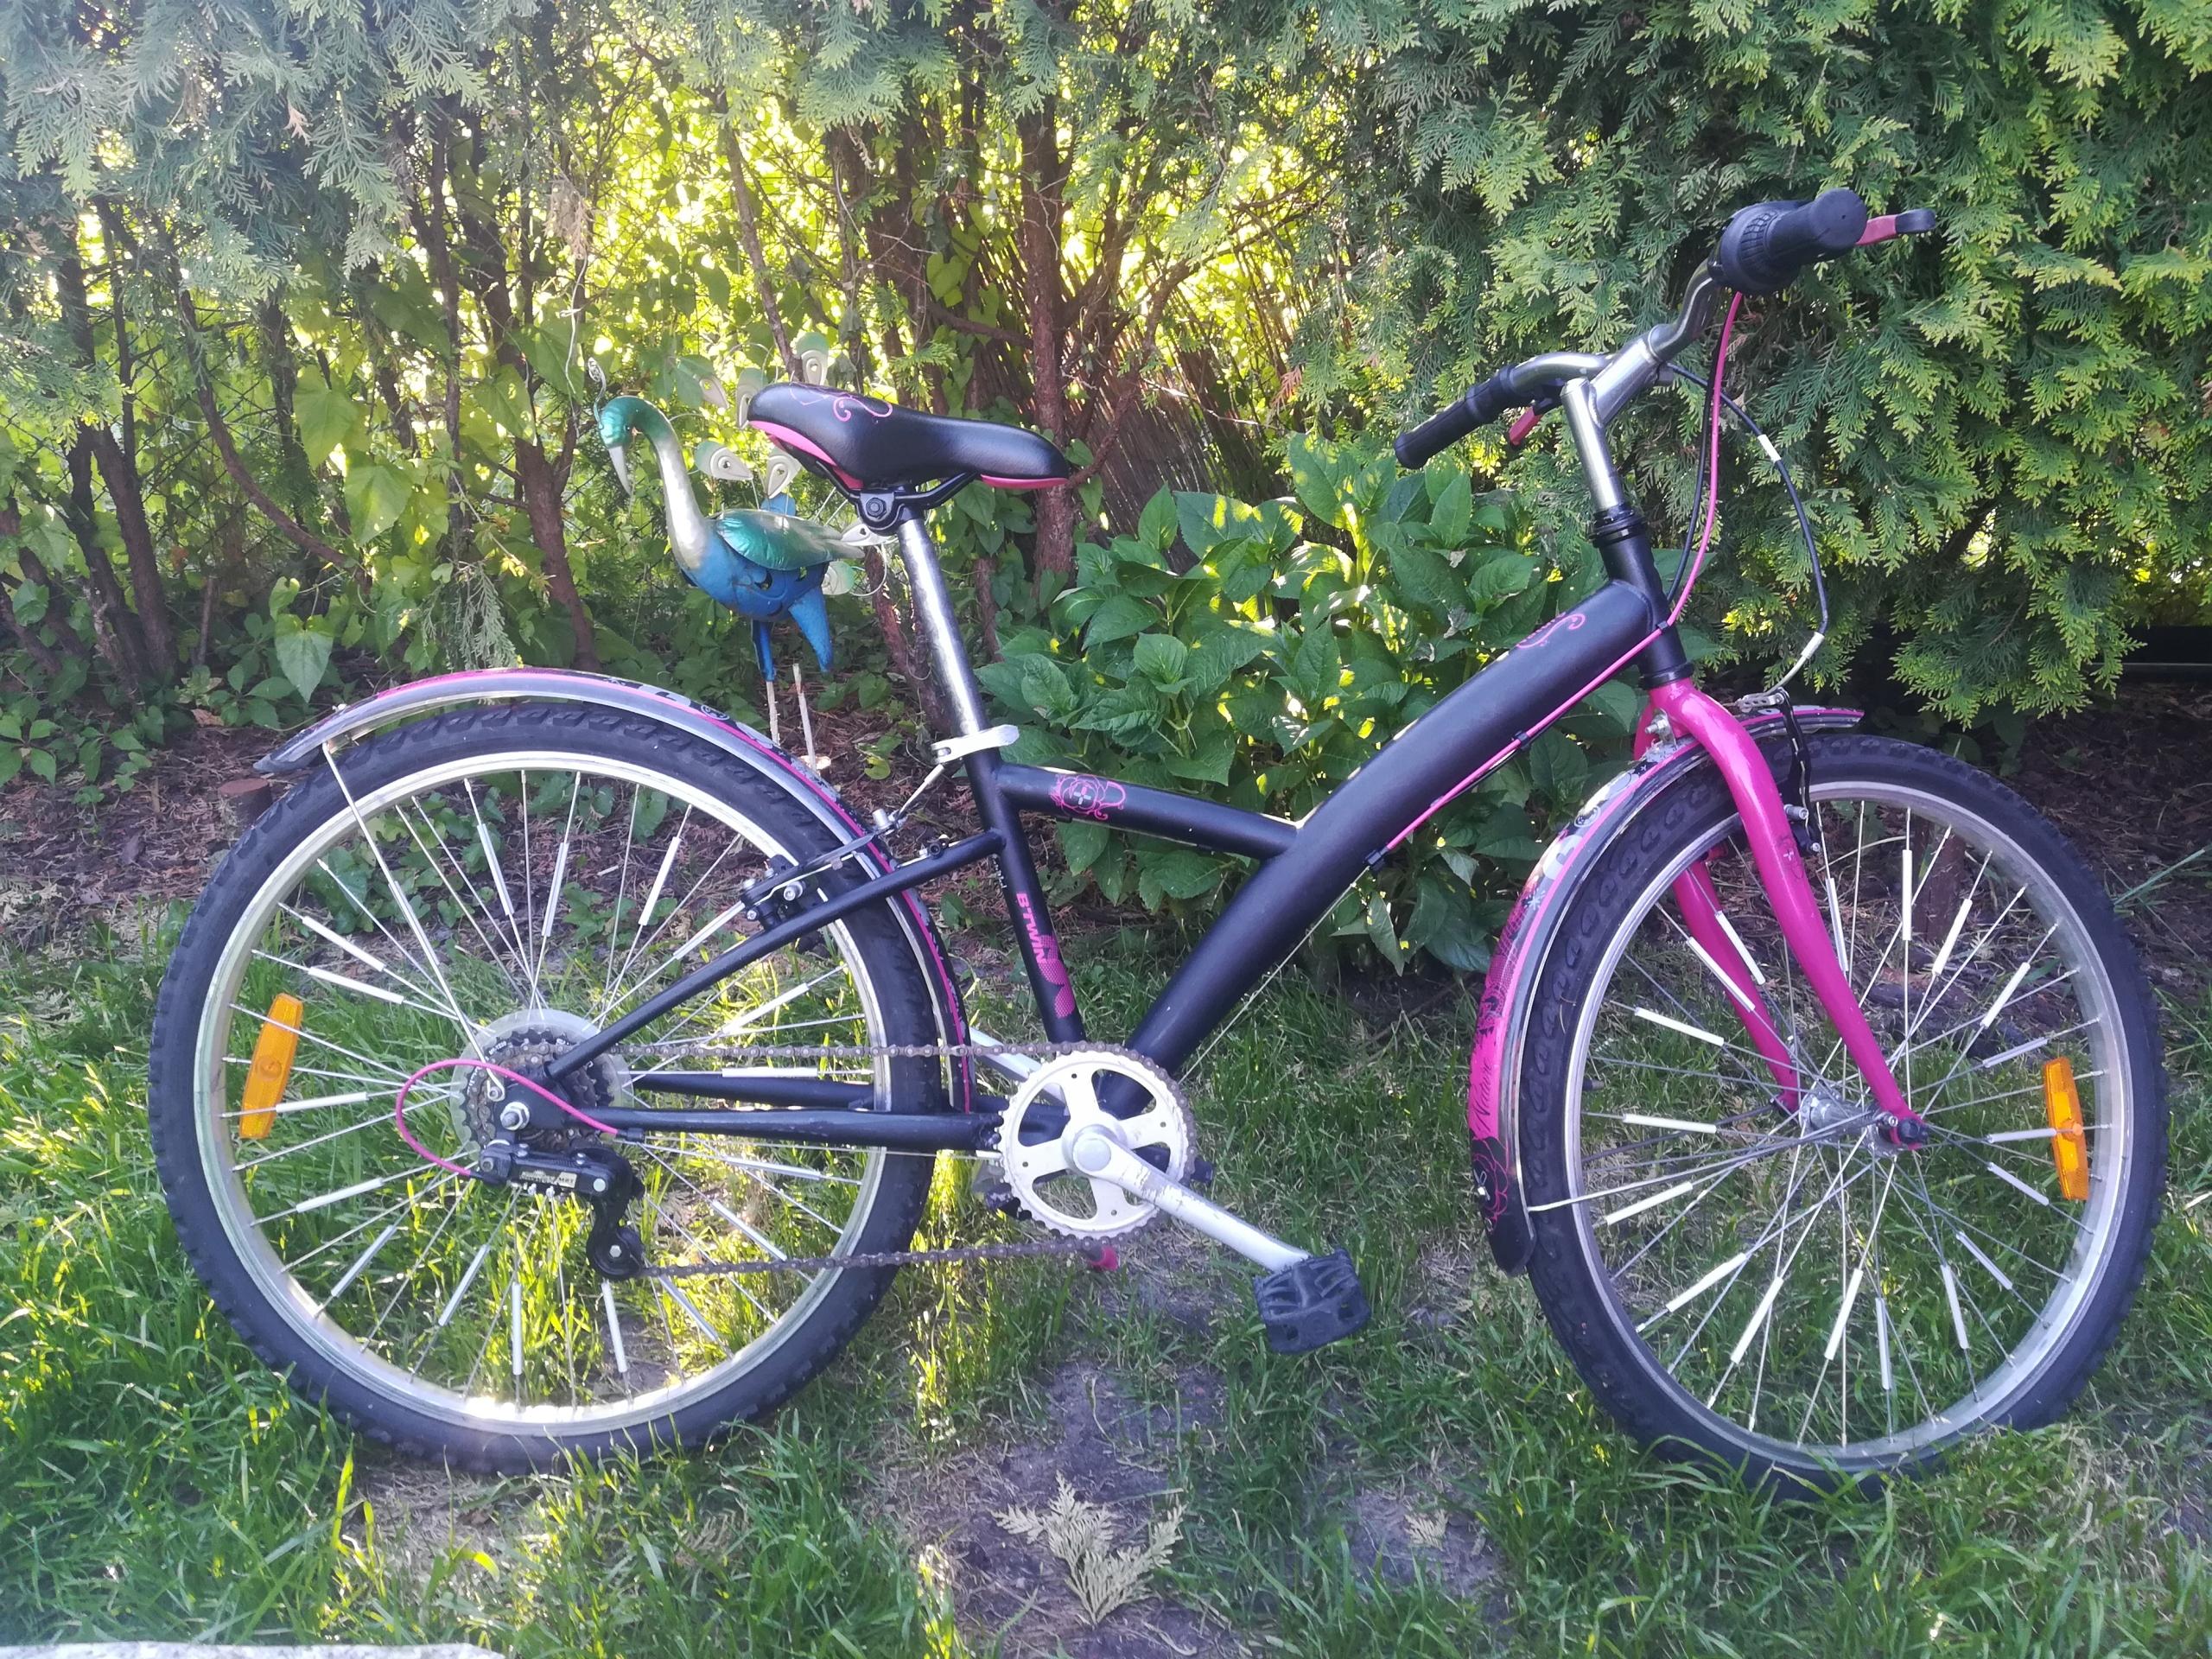 42fa59bbb Rower dla dziewczynki b'twin nature poply 24 cale - 7445229636 ...